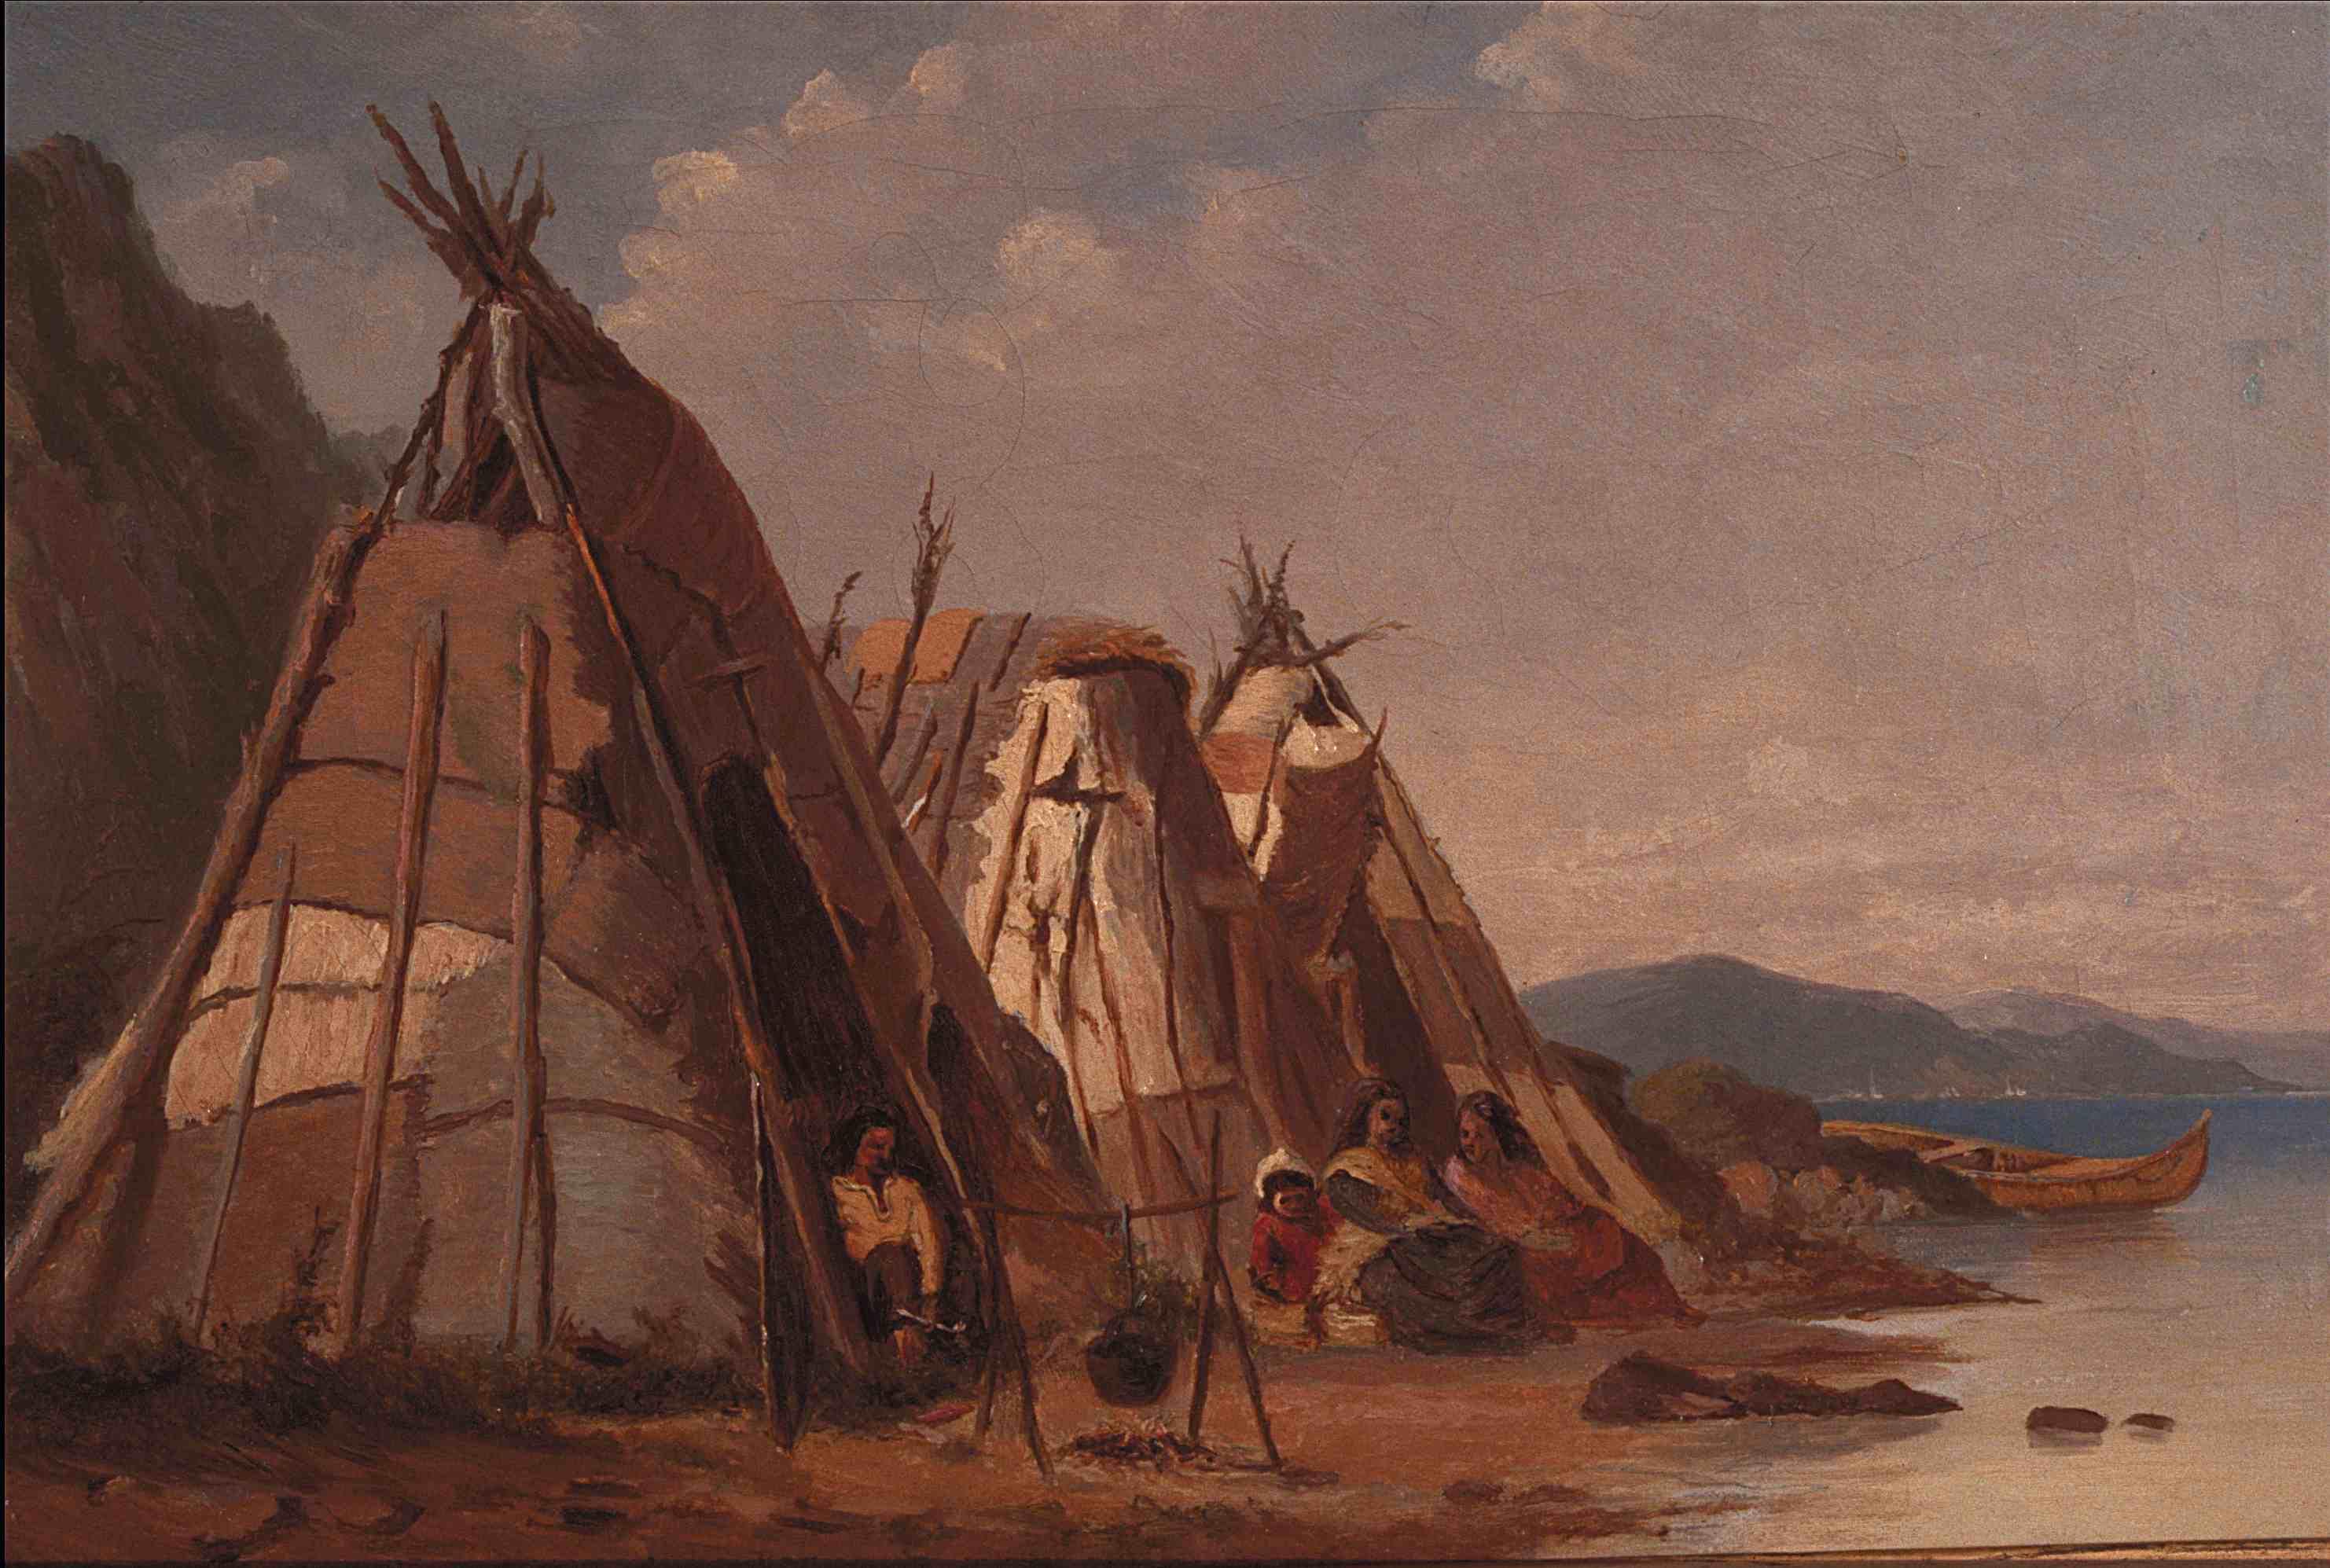 Peinture représentant des familles autochtones au pied de wigwams installés au bord de la plage.